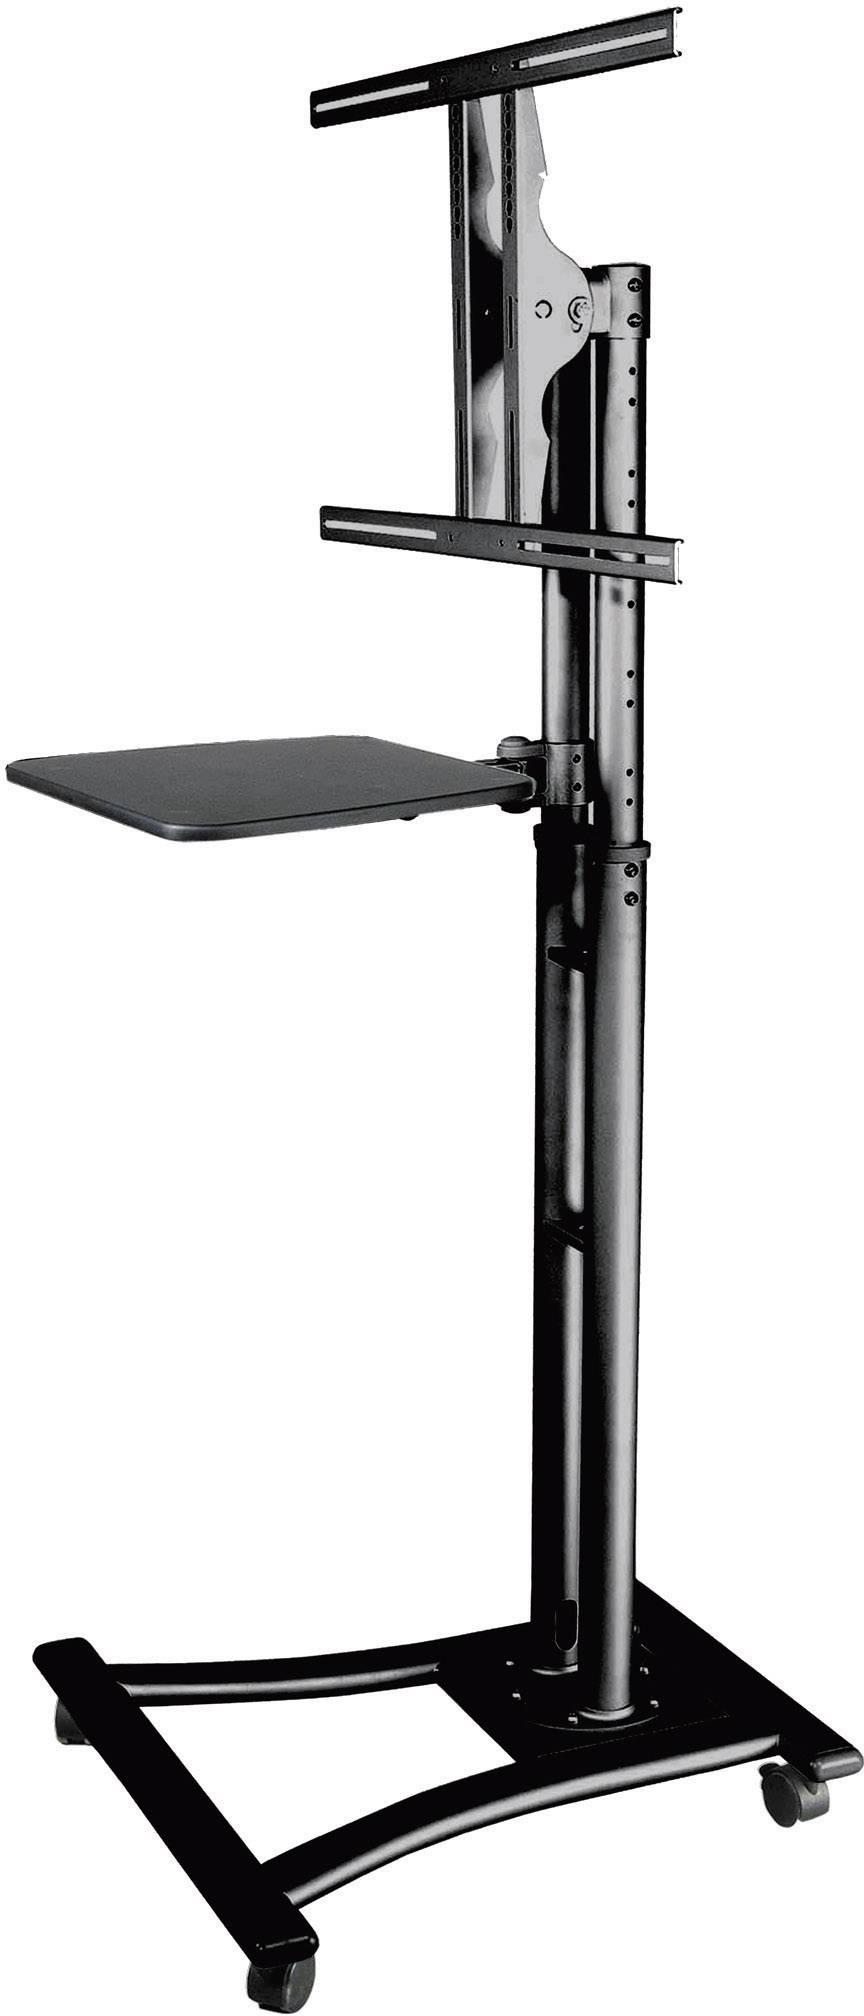 """TV kolieskový vozík B-Tech RW8620/B, neflexibilný, 68,6 cm (27"""") - 152,4 cm (60"""")"""